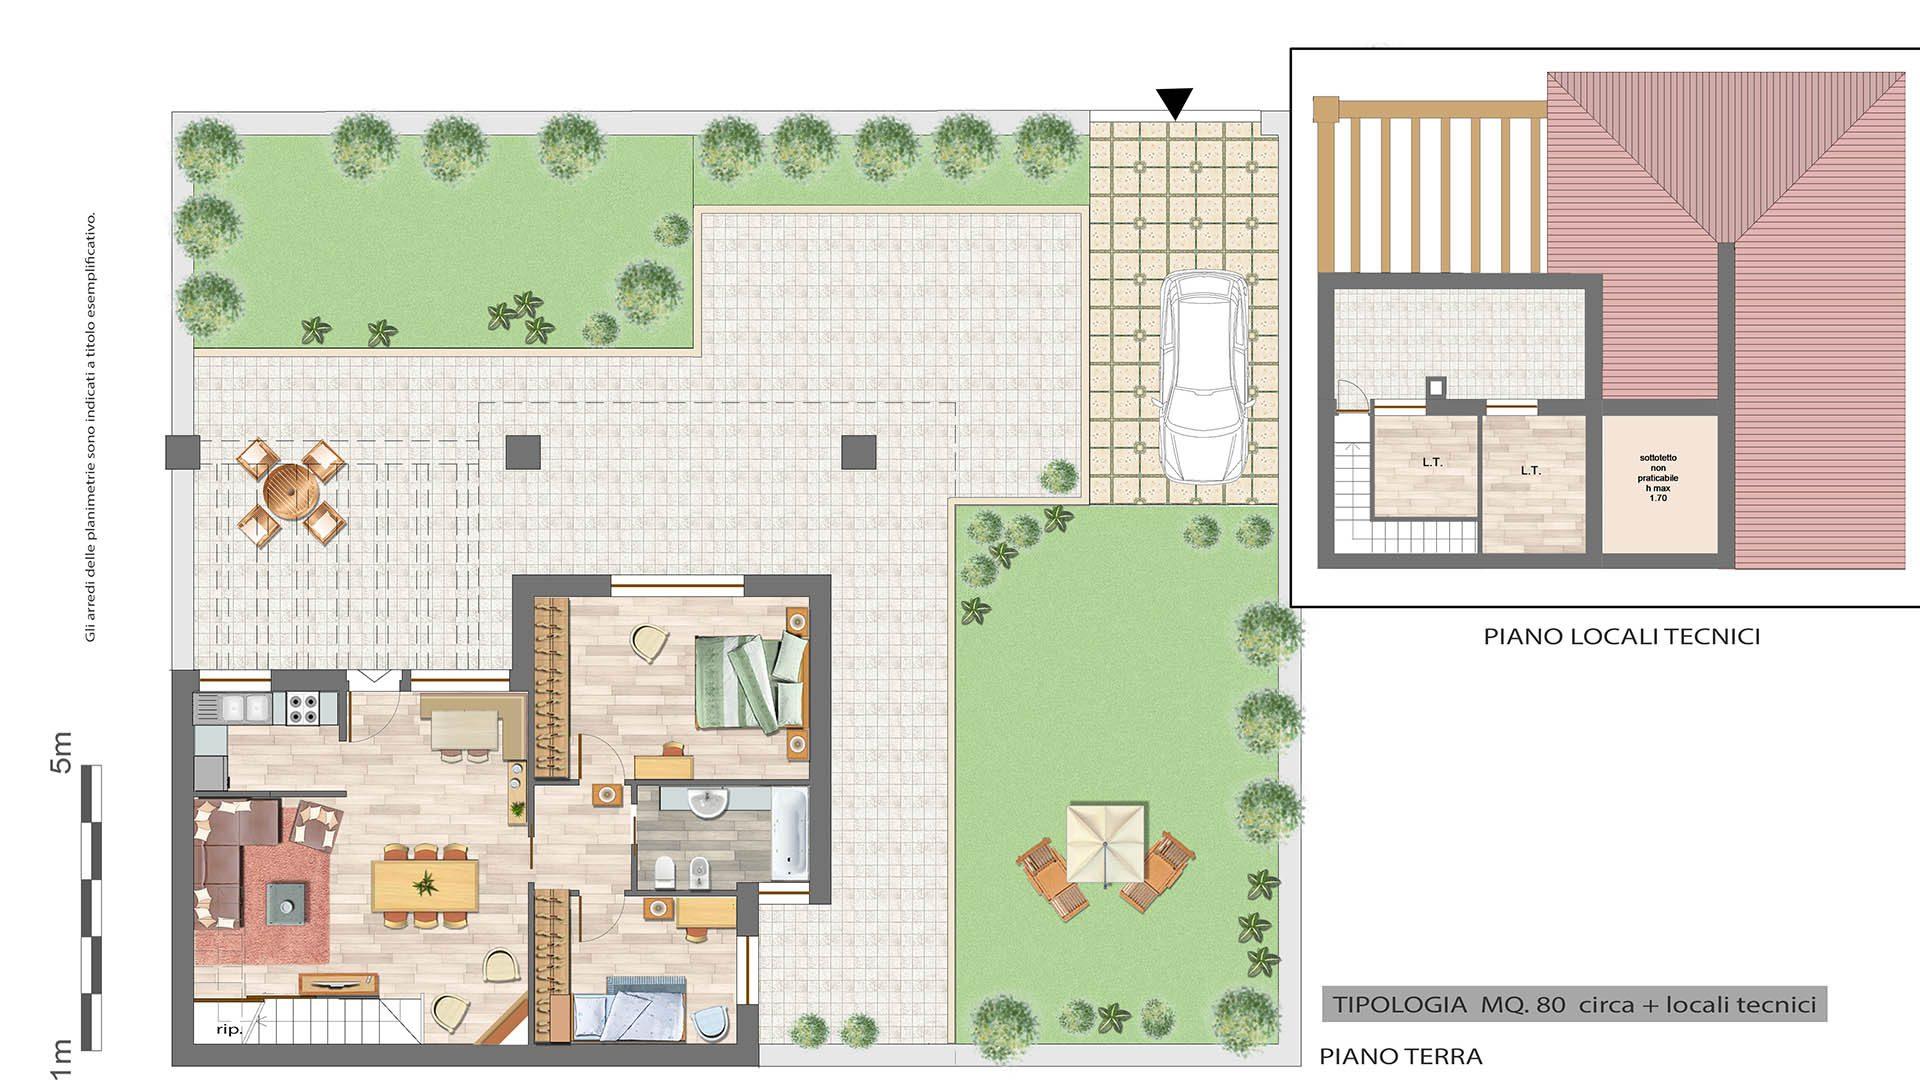 Casa 80 Mq Pianta villino in quadrifamiliare su due livelli - 126 mq con